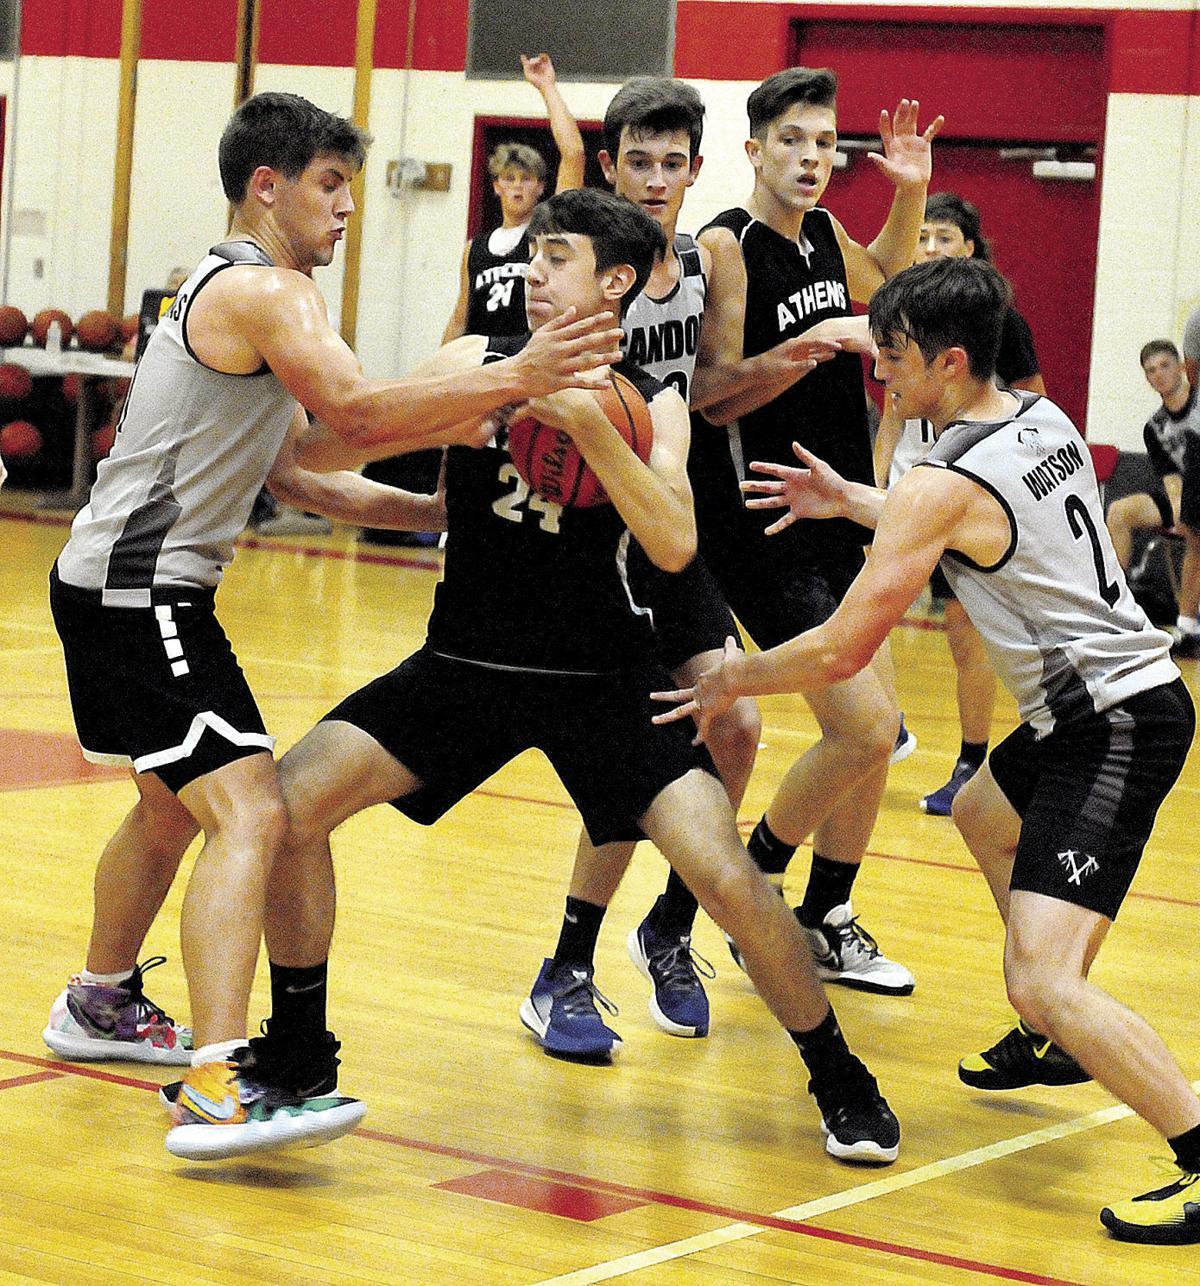 Waverly Summer Basketball League